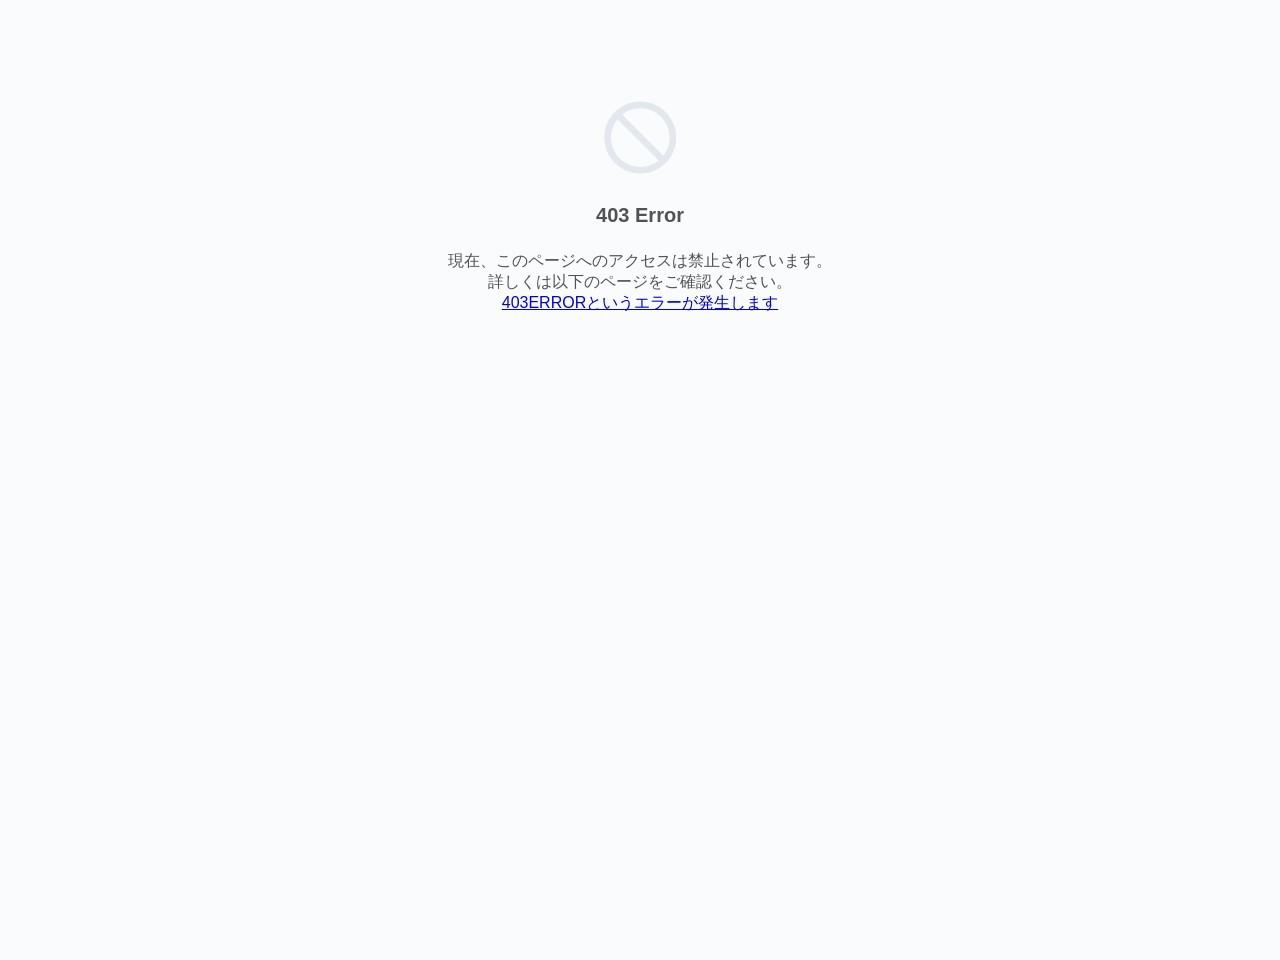 檜山デザインpro株式会社